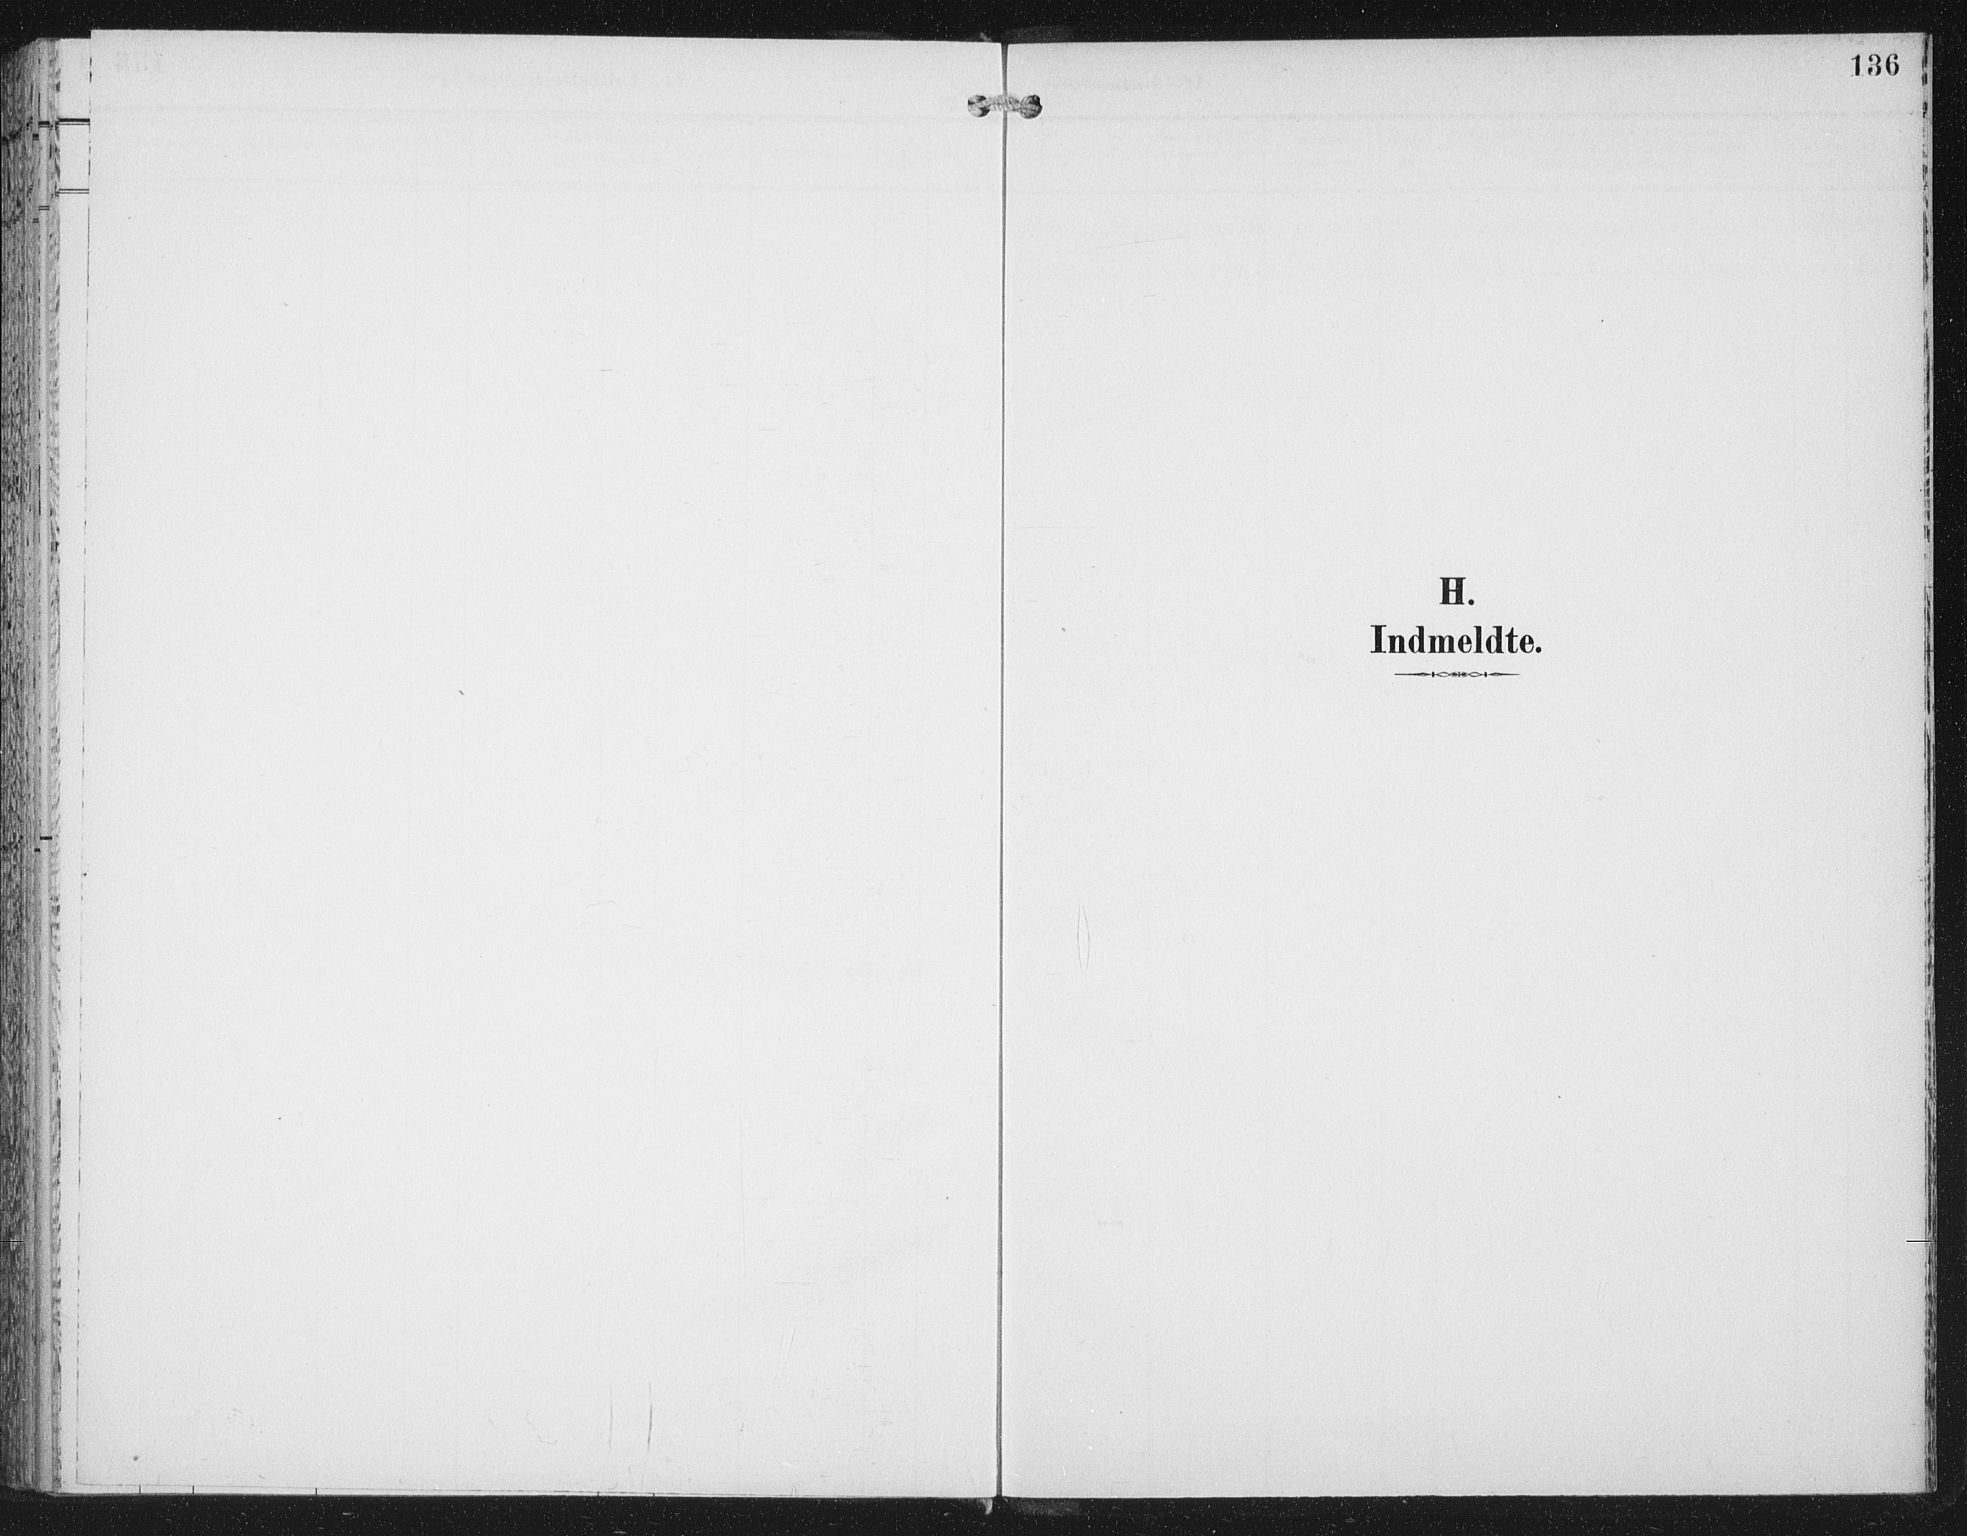 SAT, Ministerialprotokoller, klokkerbøker og fødselsregistre - Nord-Trøndelag, 702/L0024: Parish register (official) no. 702A02, 1898-1914, p. 136